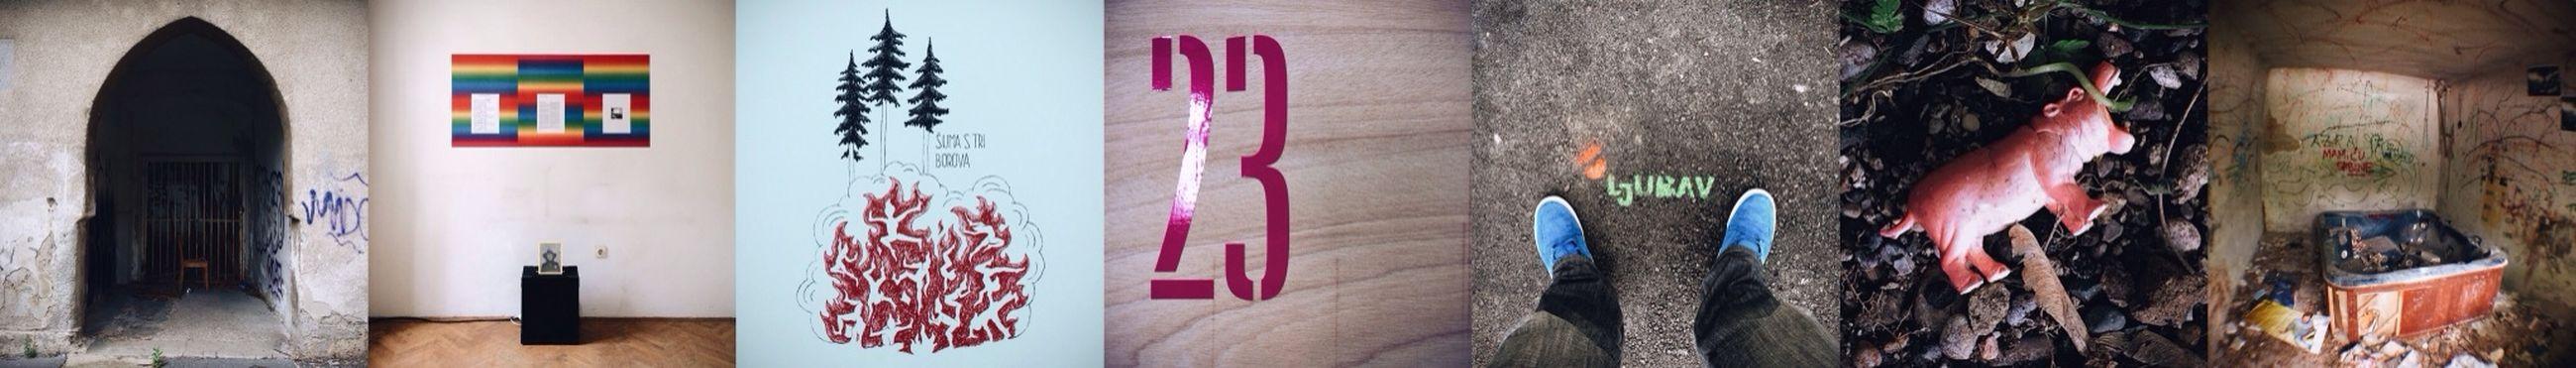 u dvorcu ispod tri duge na broju 23 ..pored šume s tri bora...gdje živi lLjubav ...umro je roza Hypo jer mu je presušio Jacuzzi